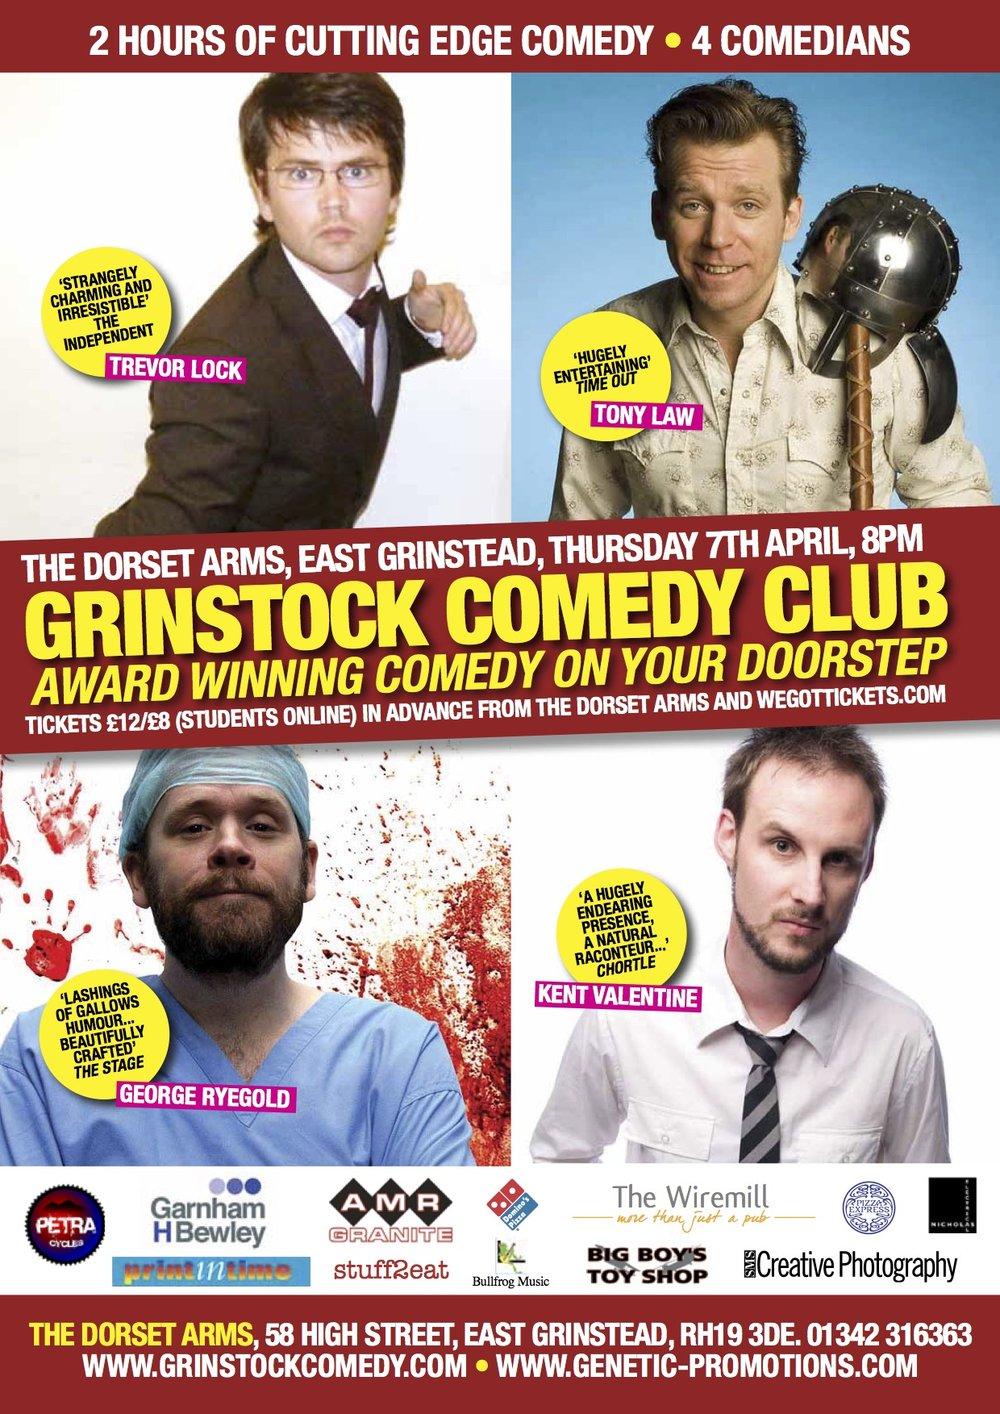 grinstock-comdey-april-2011.jpg